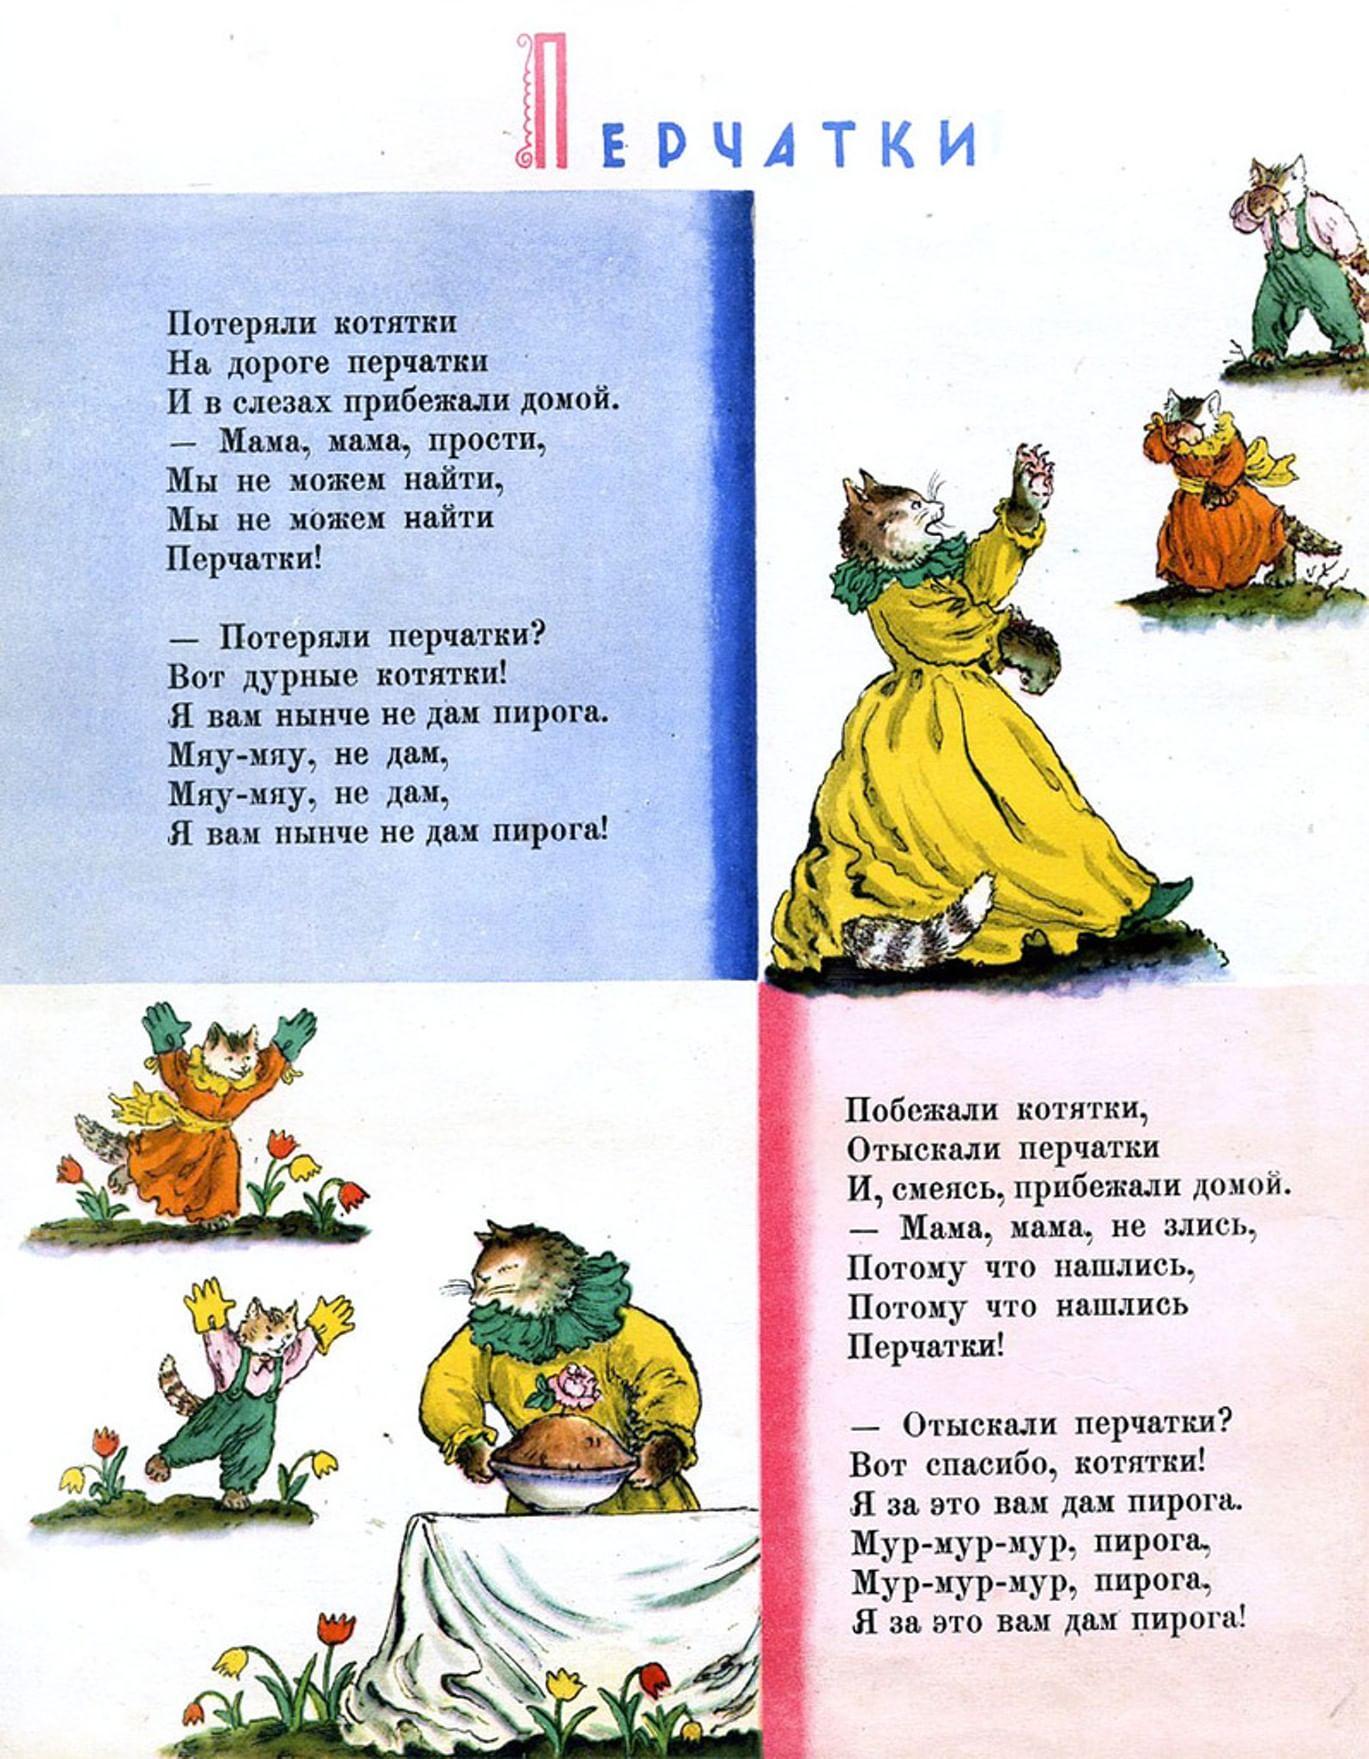 Котики в русской классике. Галерея 6